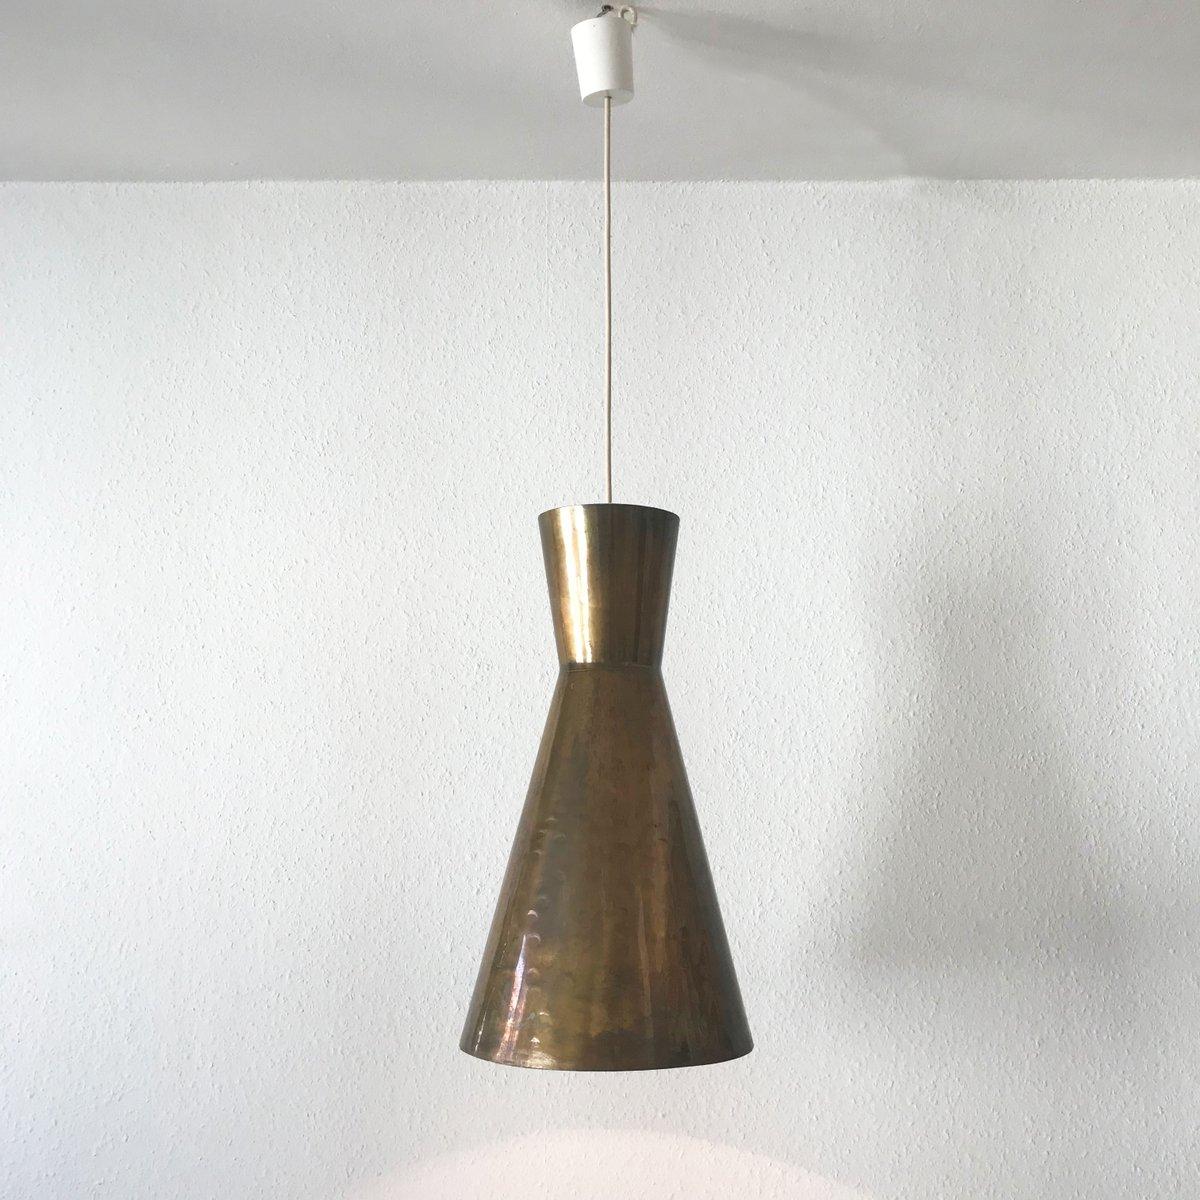 gro e mid century modern diabolo h ngelampen 1950er 3er. Black Bedroom Furniture Sets. Home Design Ideas